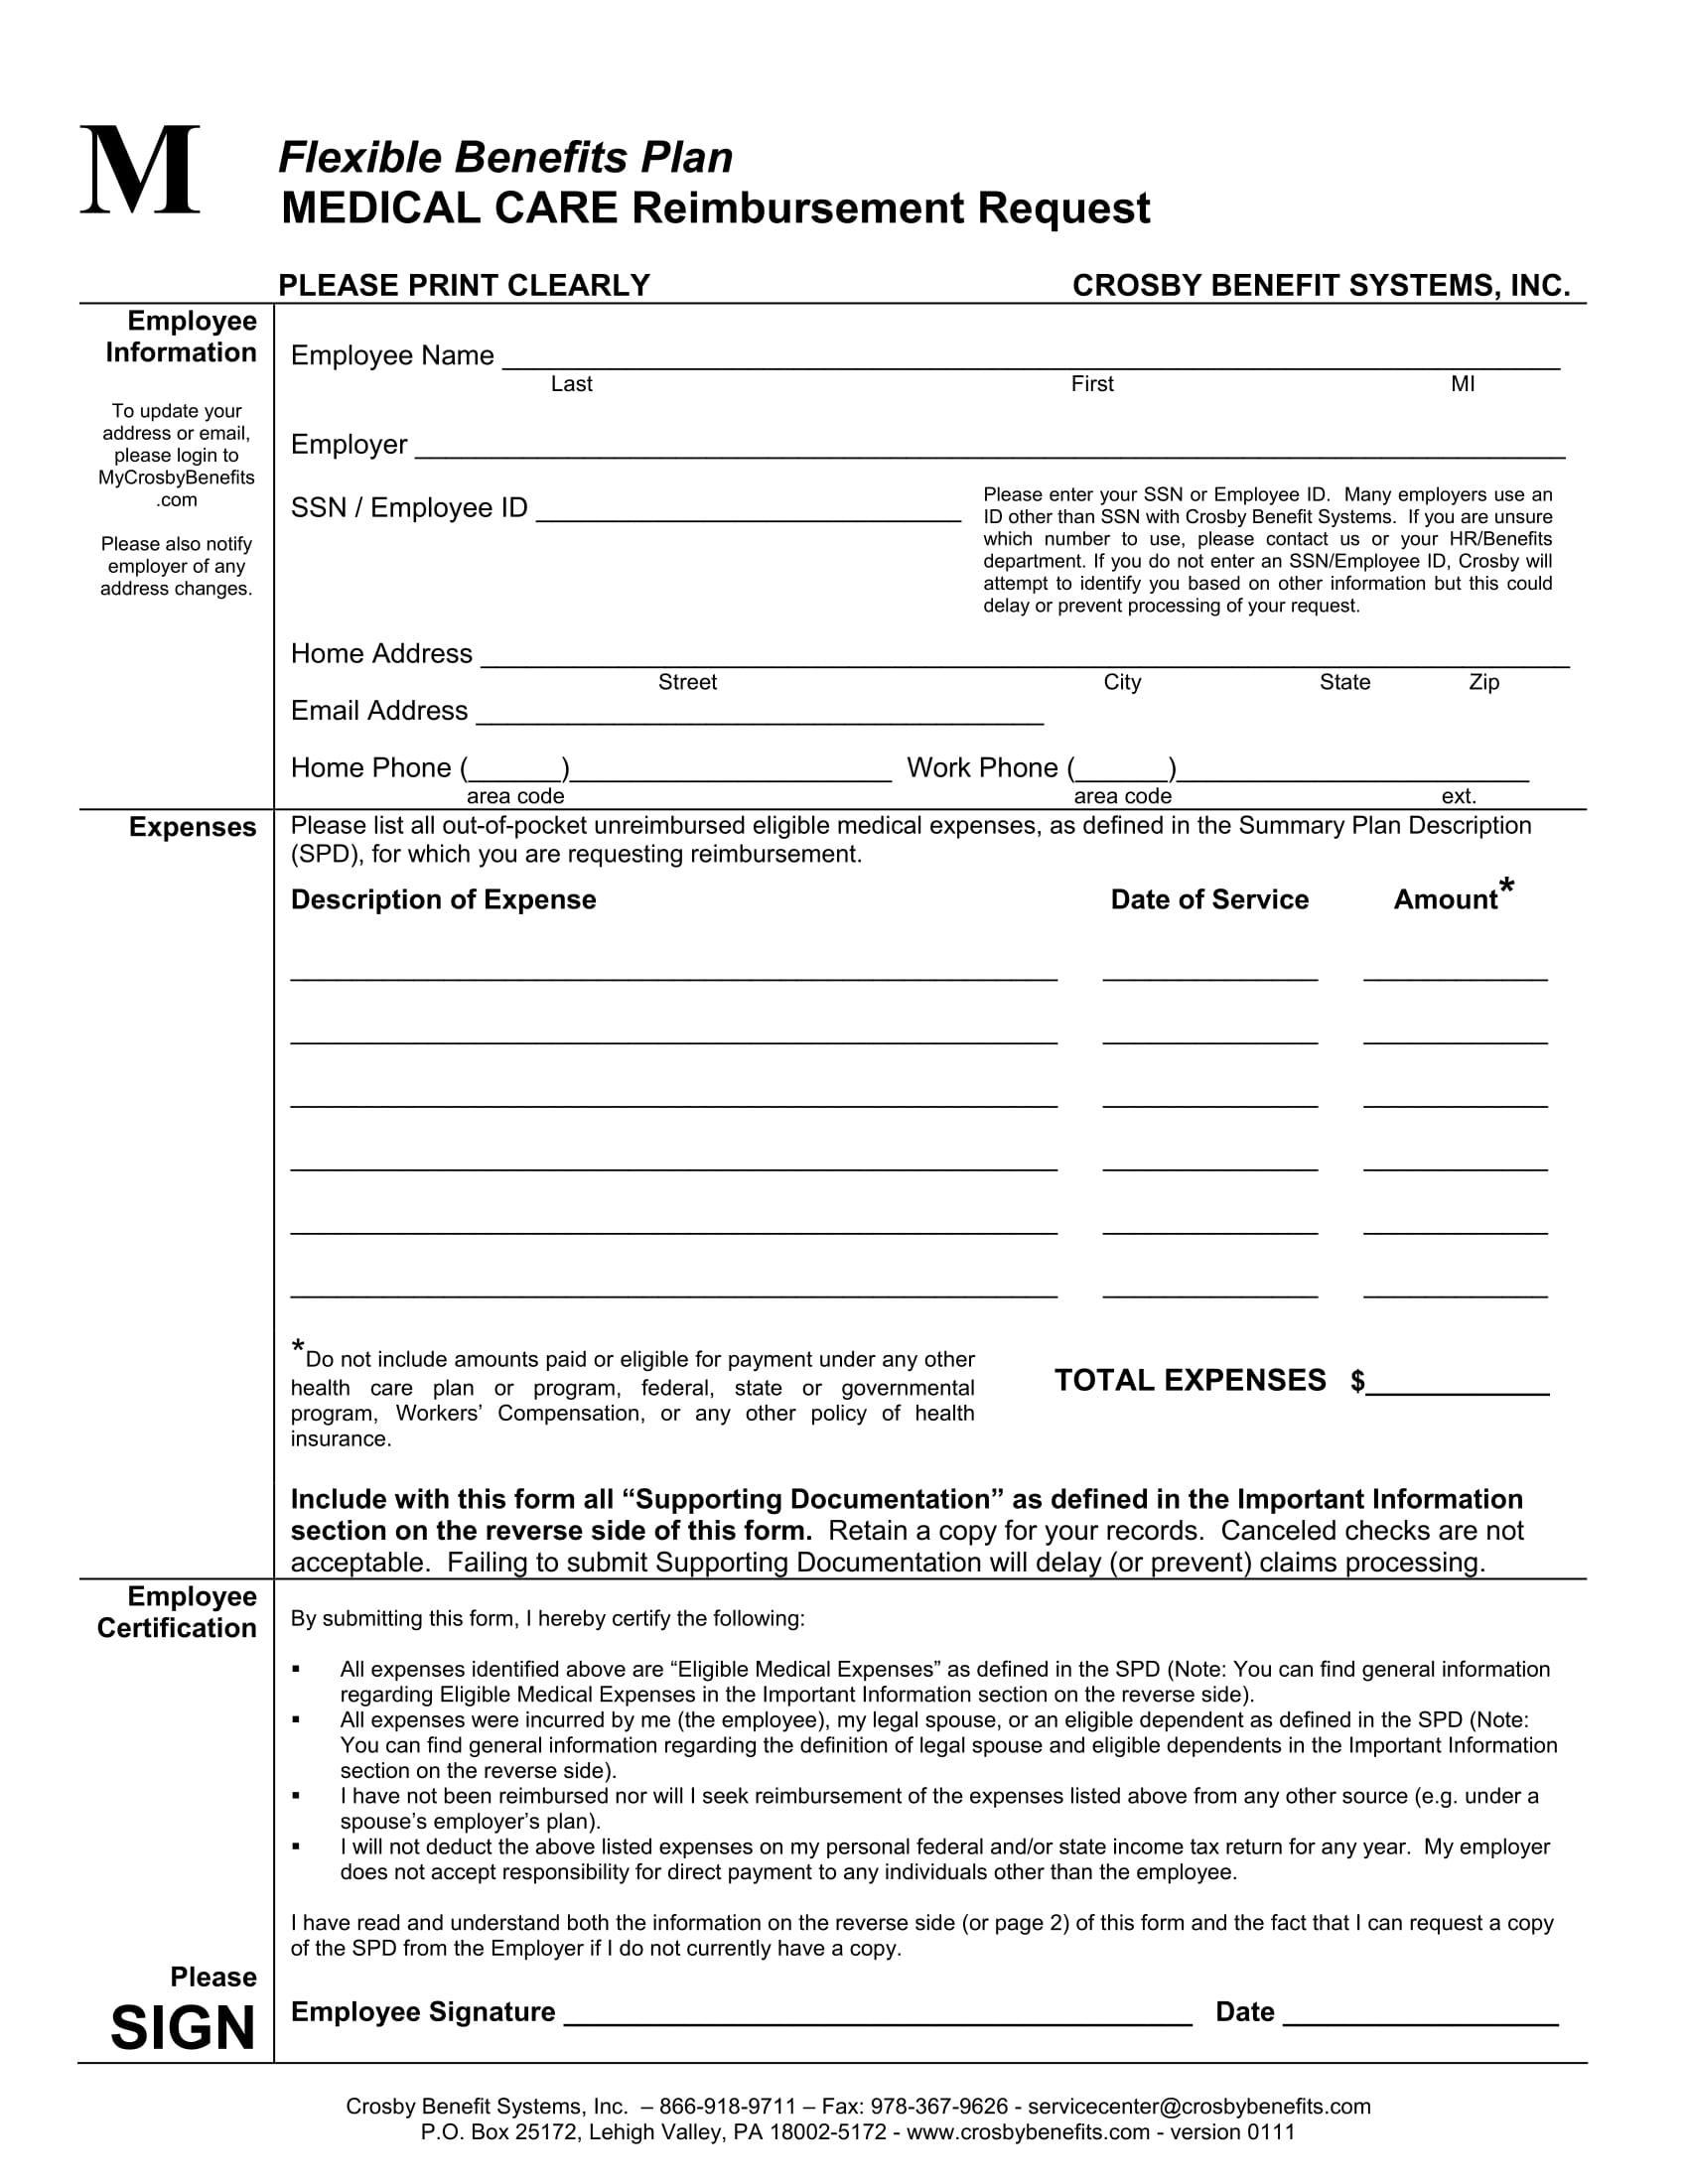 medical care reimbursement request form 1